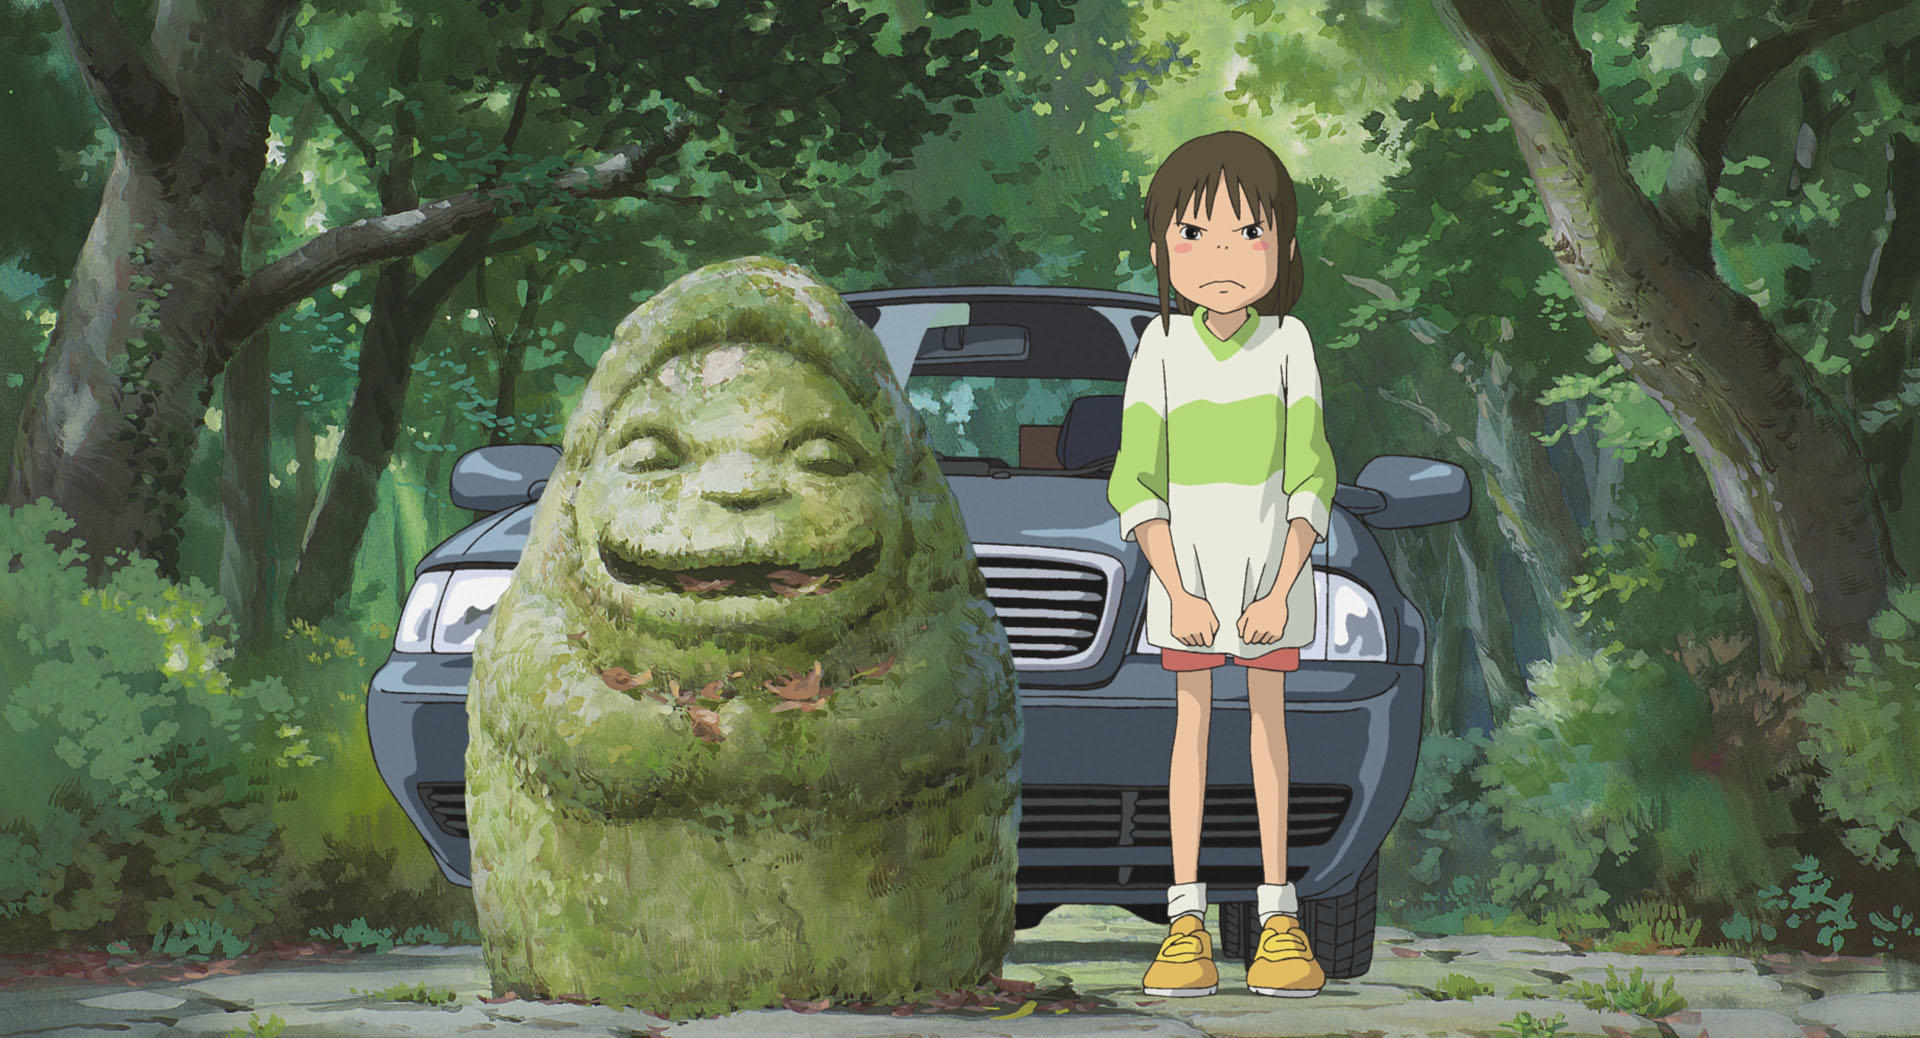 千と千尋の神隠し - スタジオジブリ STUDIO GHIBLI